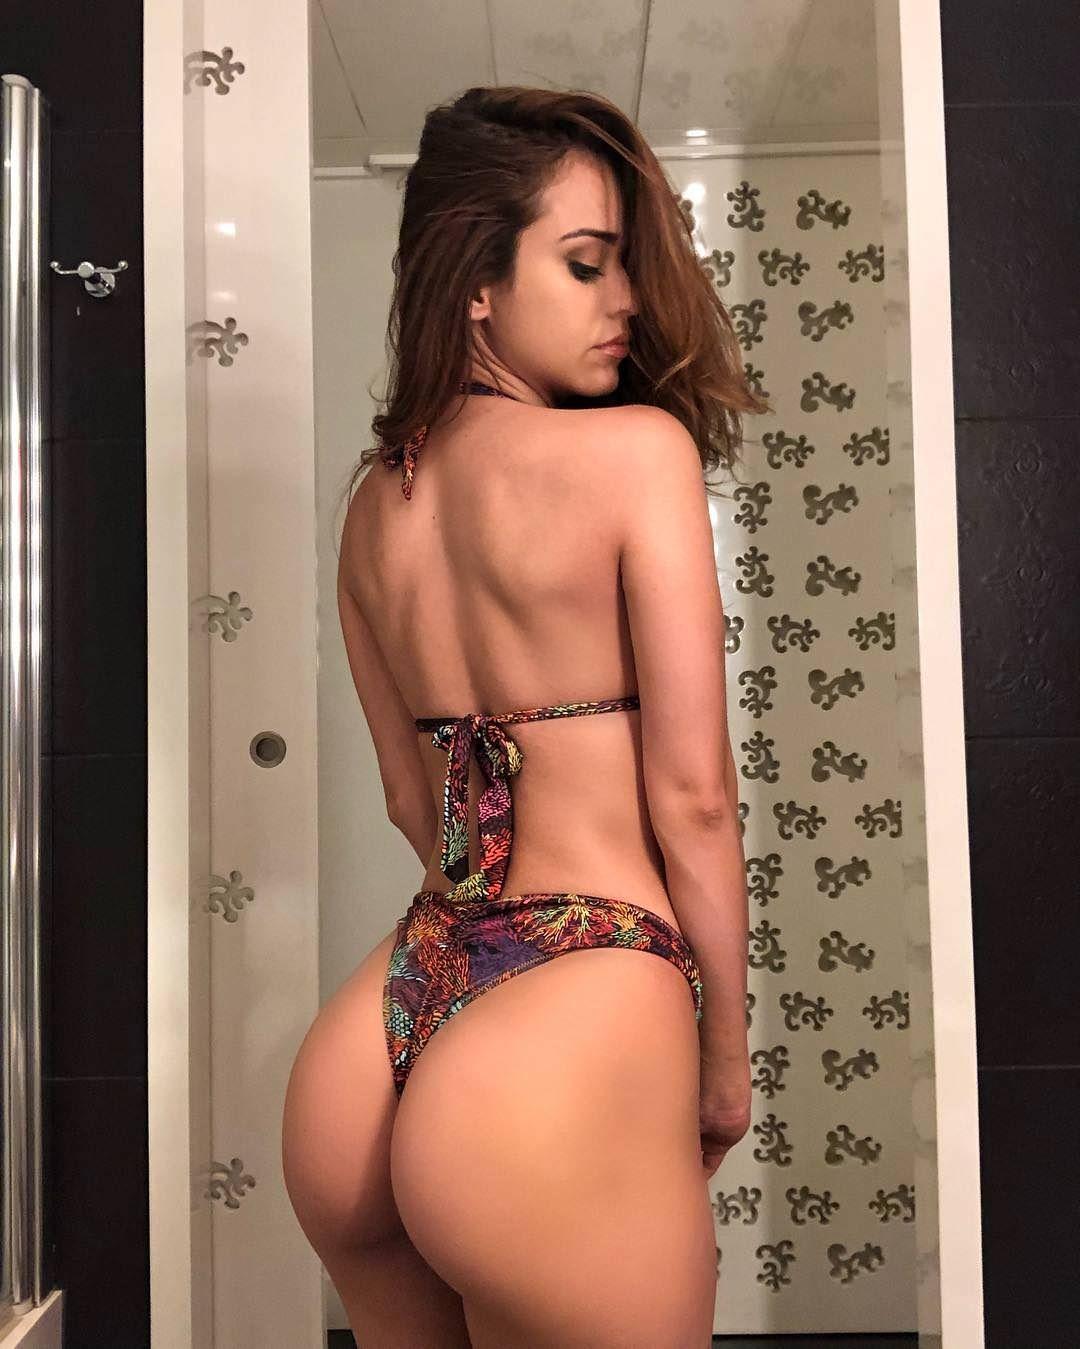 Nude swiss girlfriend video